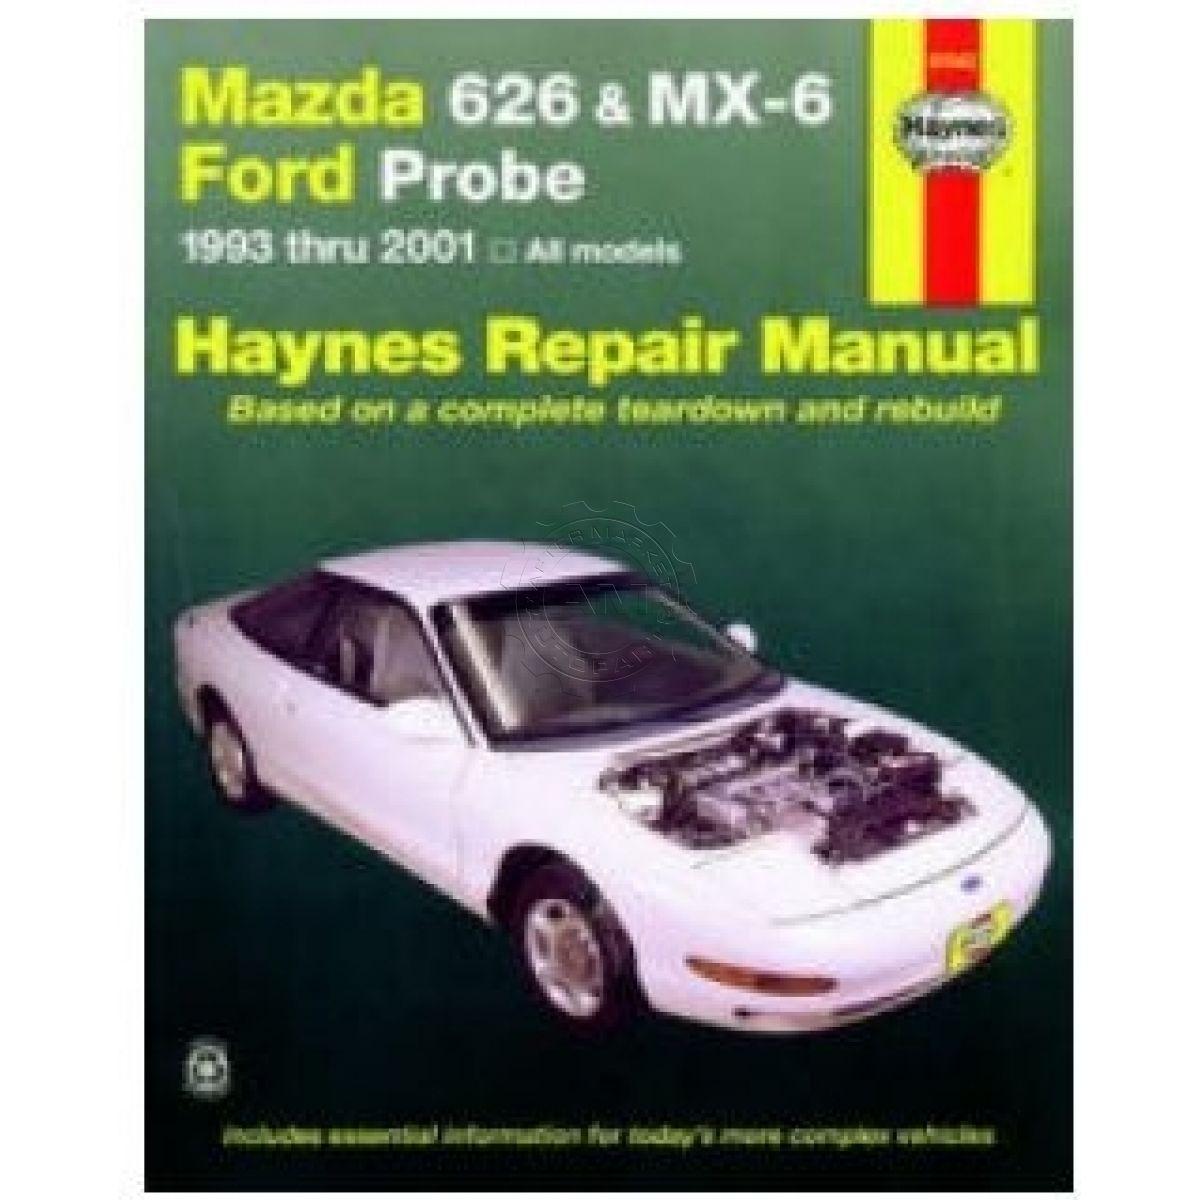 haynes repair manual for mazda 626 mx 6 ford probe ebay rh ebay com 1999 Mazda 626 Repair Manual Mazda 626 Engine Parts